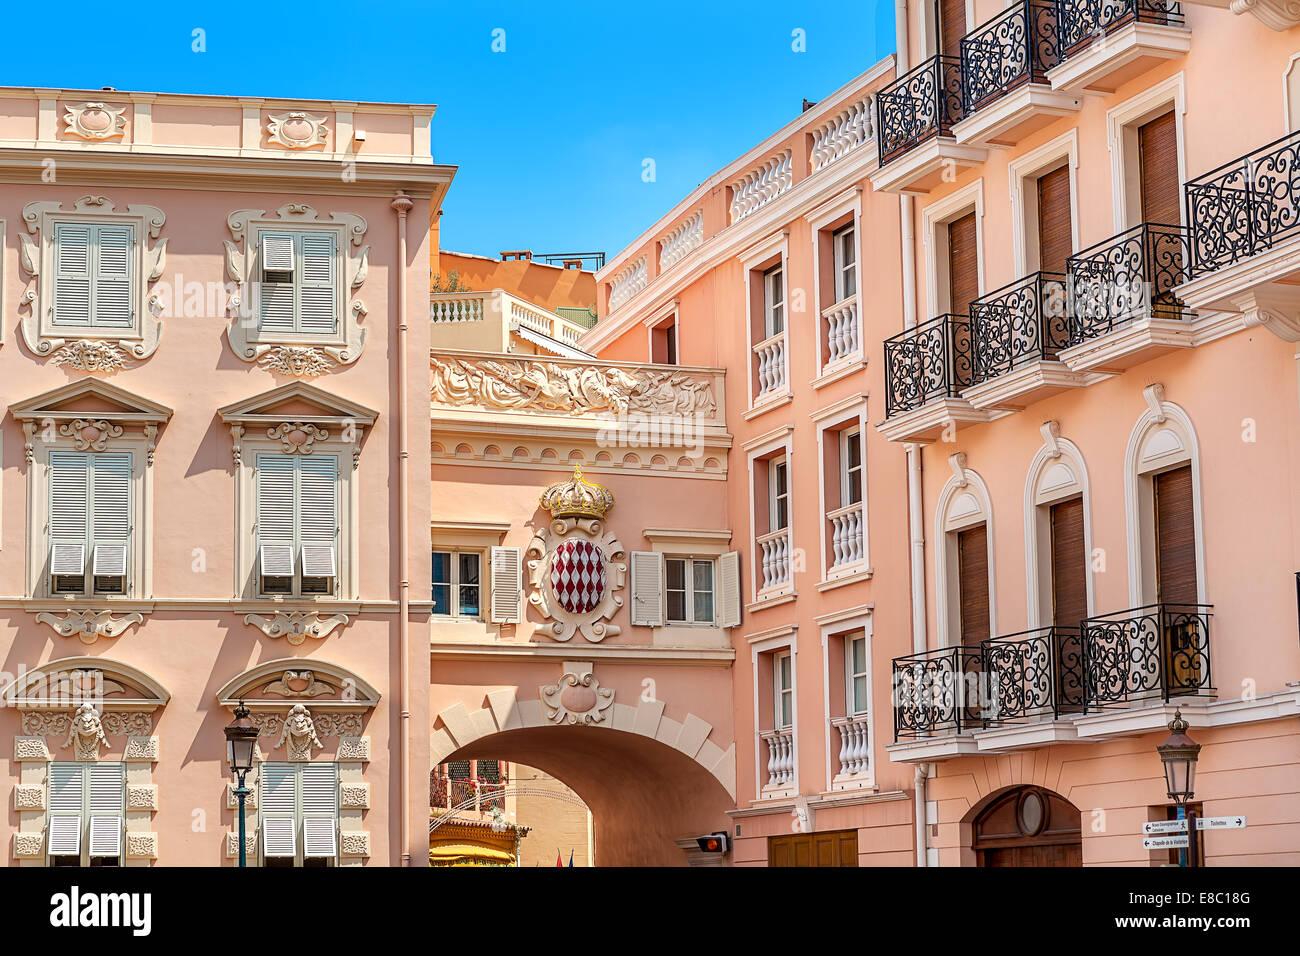 Tipica architettura a Monaco-Ville, Monaco. Immagini Stock